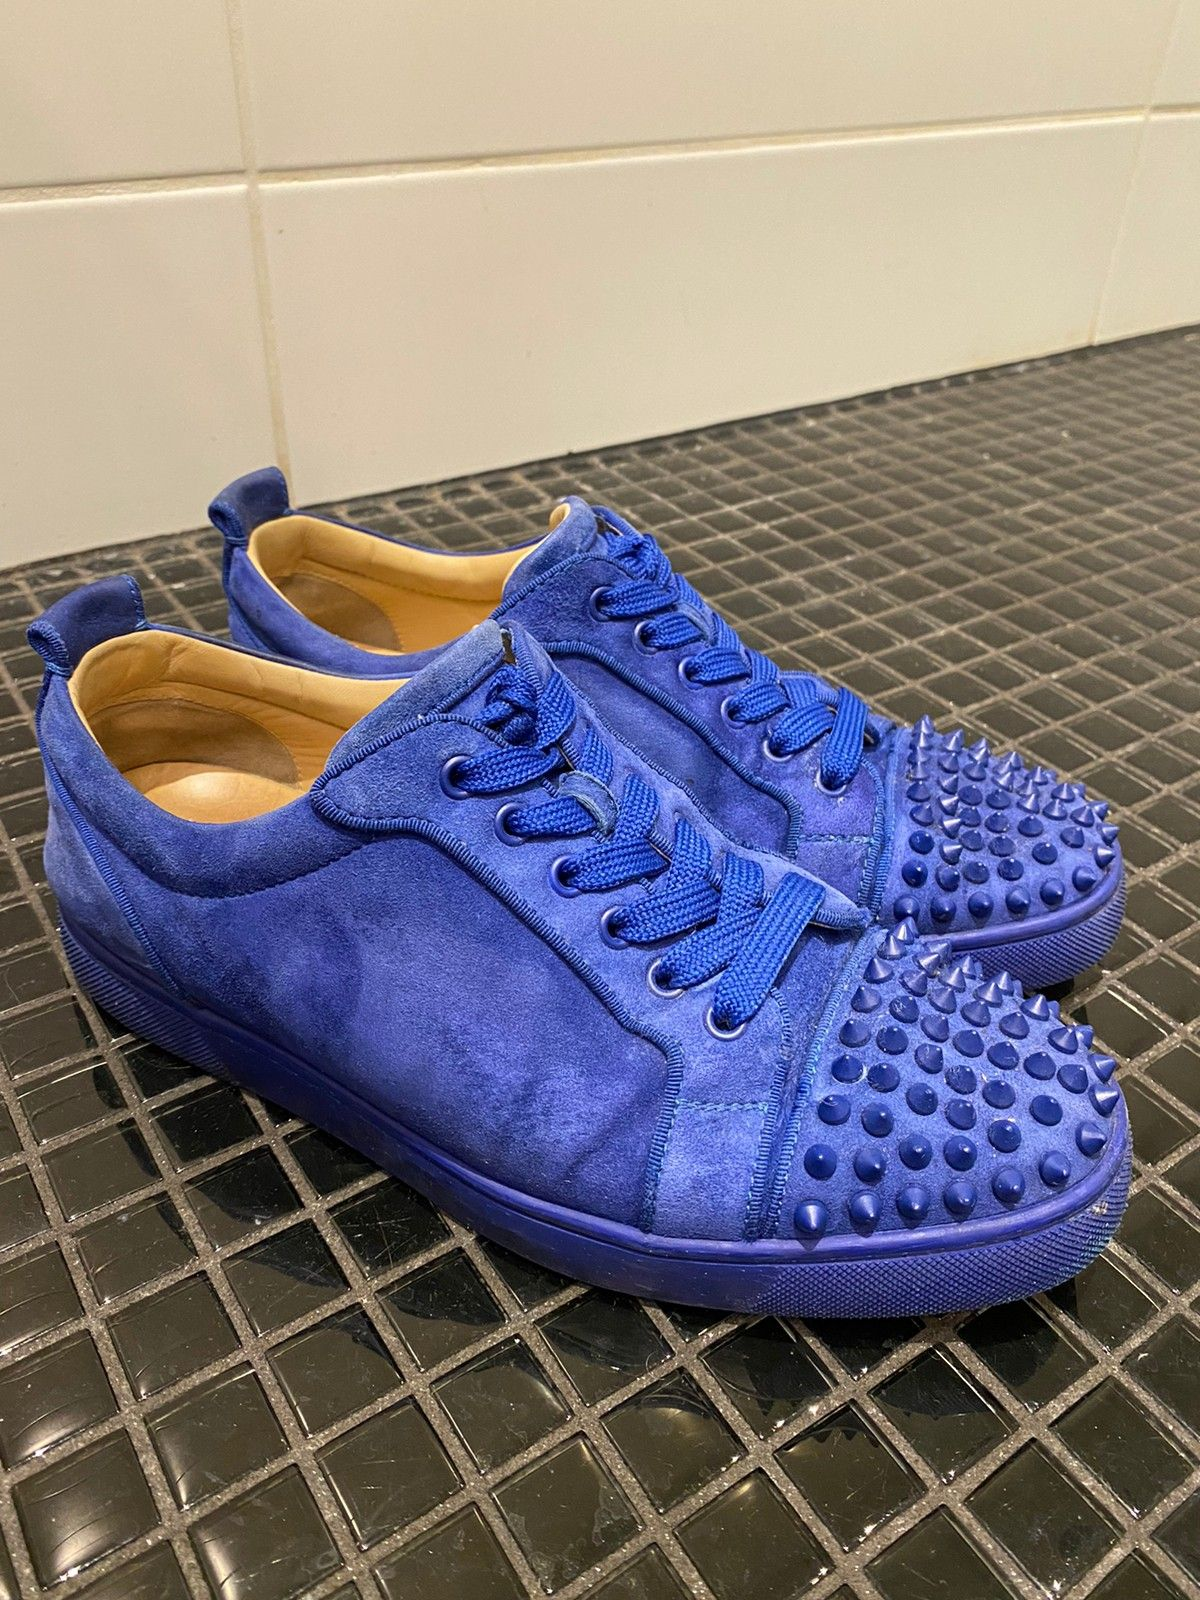 Christian Louboutin sko selges billig   FINN.no